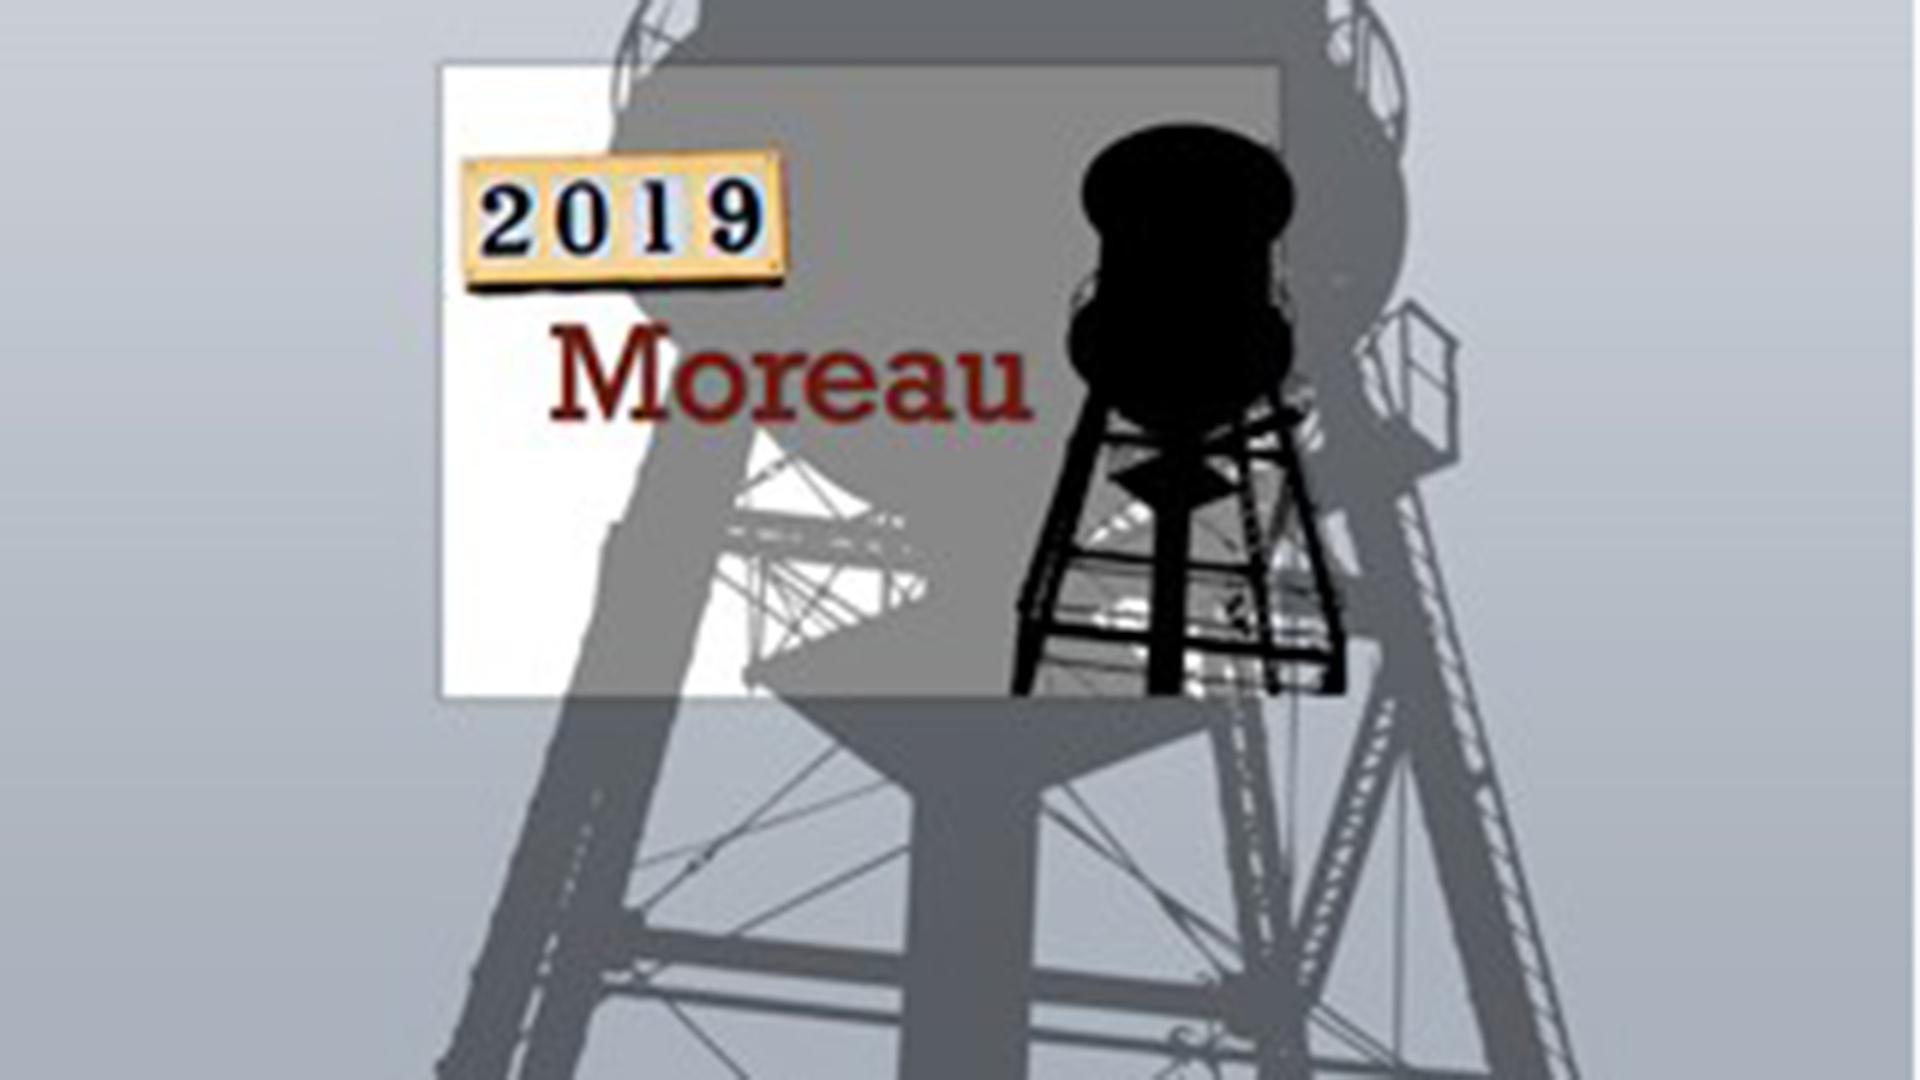 2019 Moreau